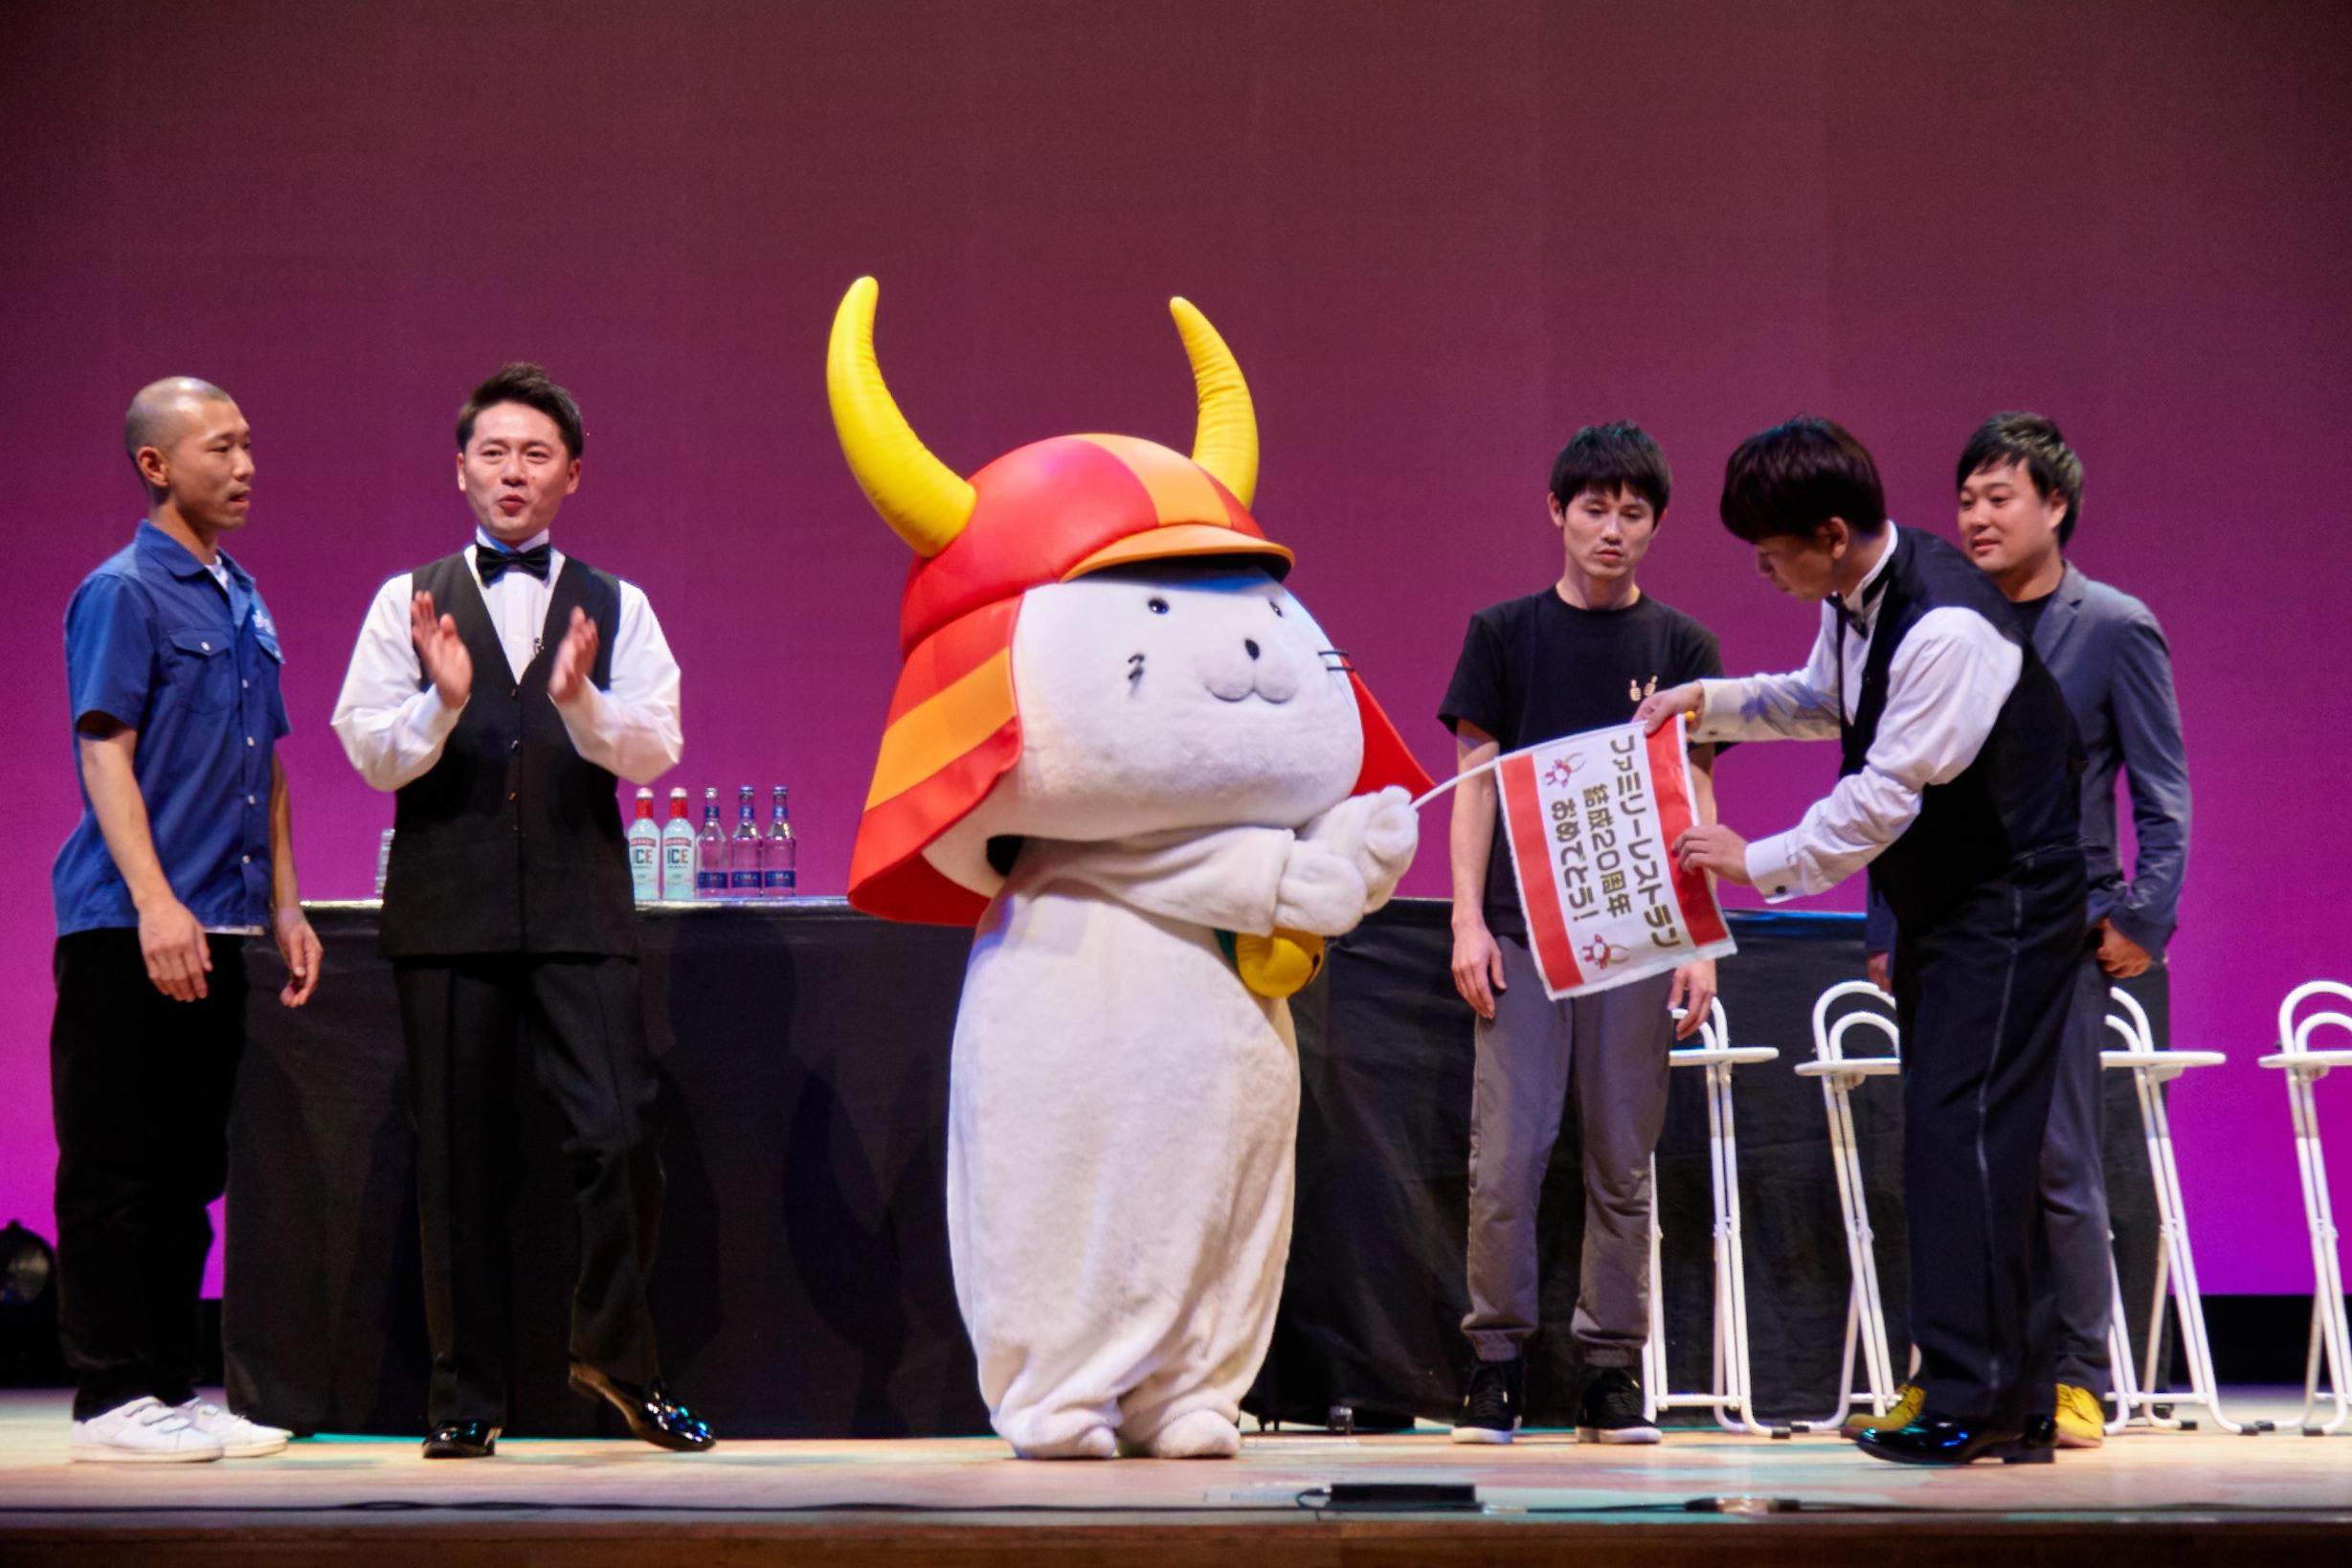 http://news.yoshimoto.co.jp/20171113161212-7dc95093c2923d0b61e3a3c2c518df83876670d4.jpg